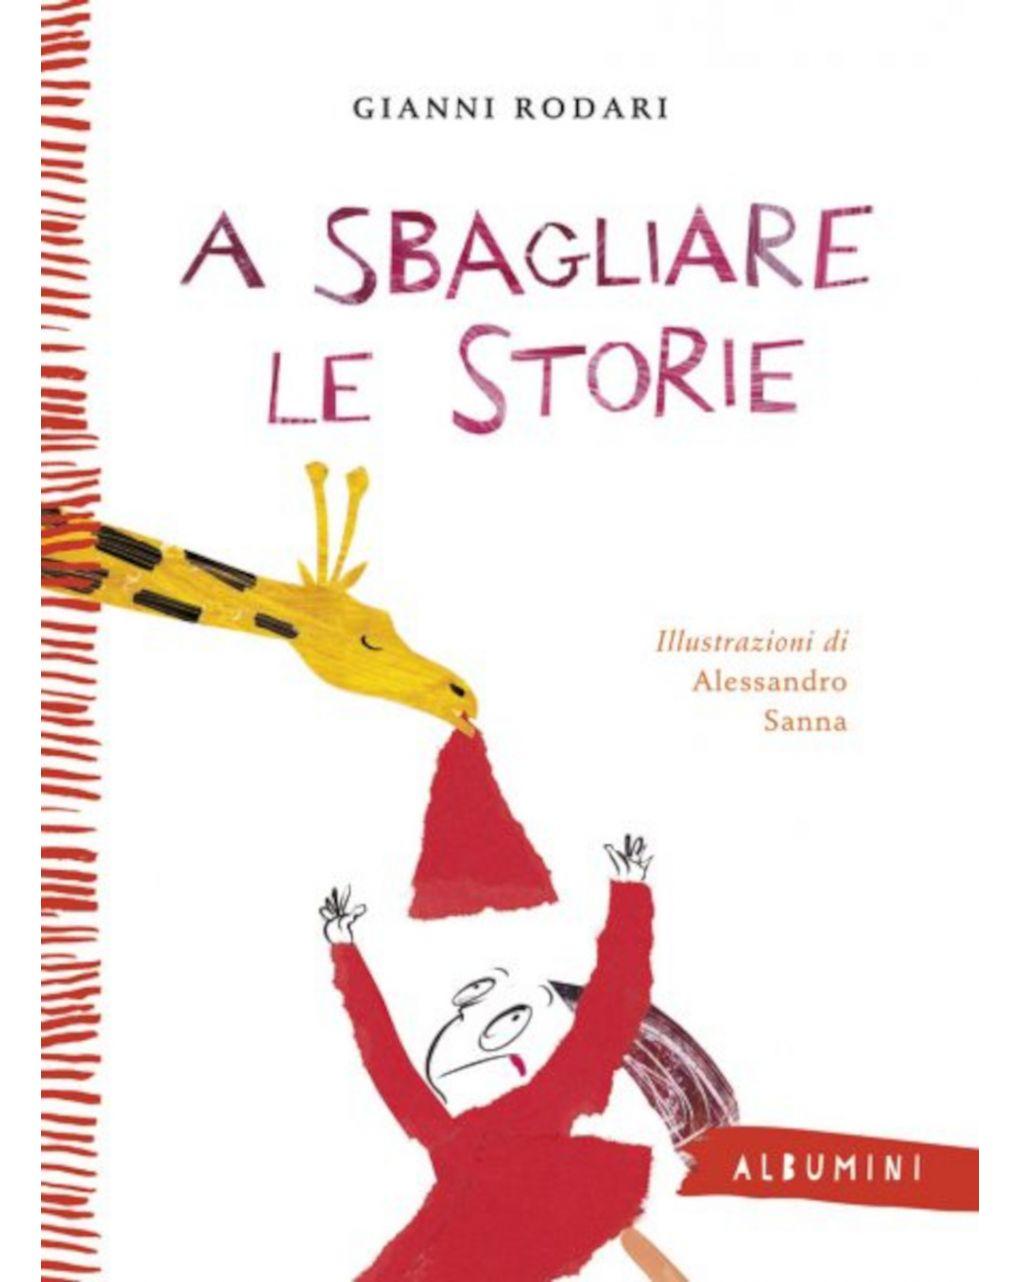 Albumini - a sbagliare le storie - Edizioni EL